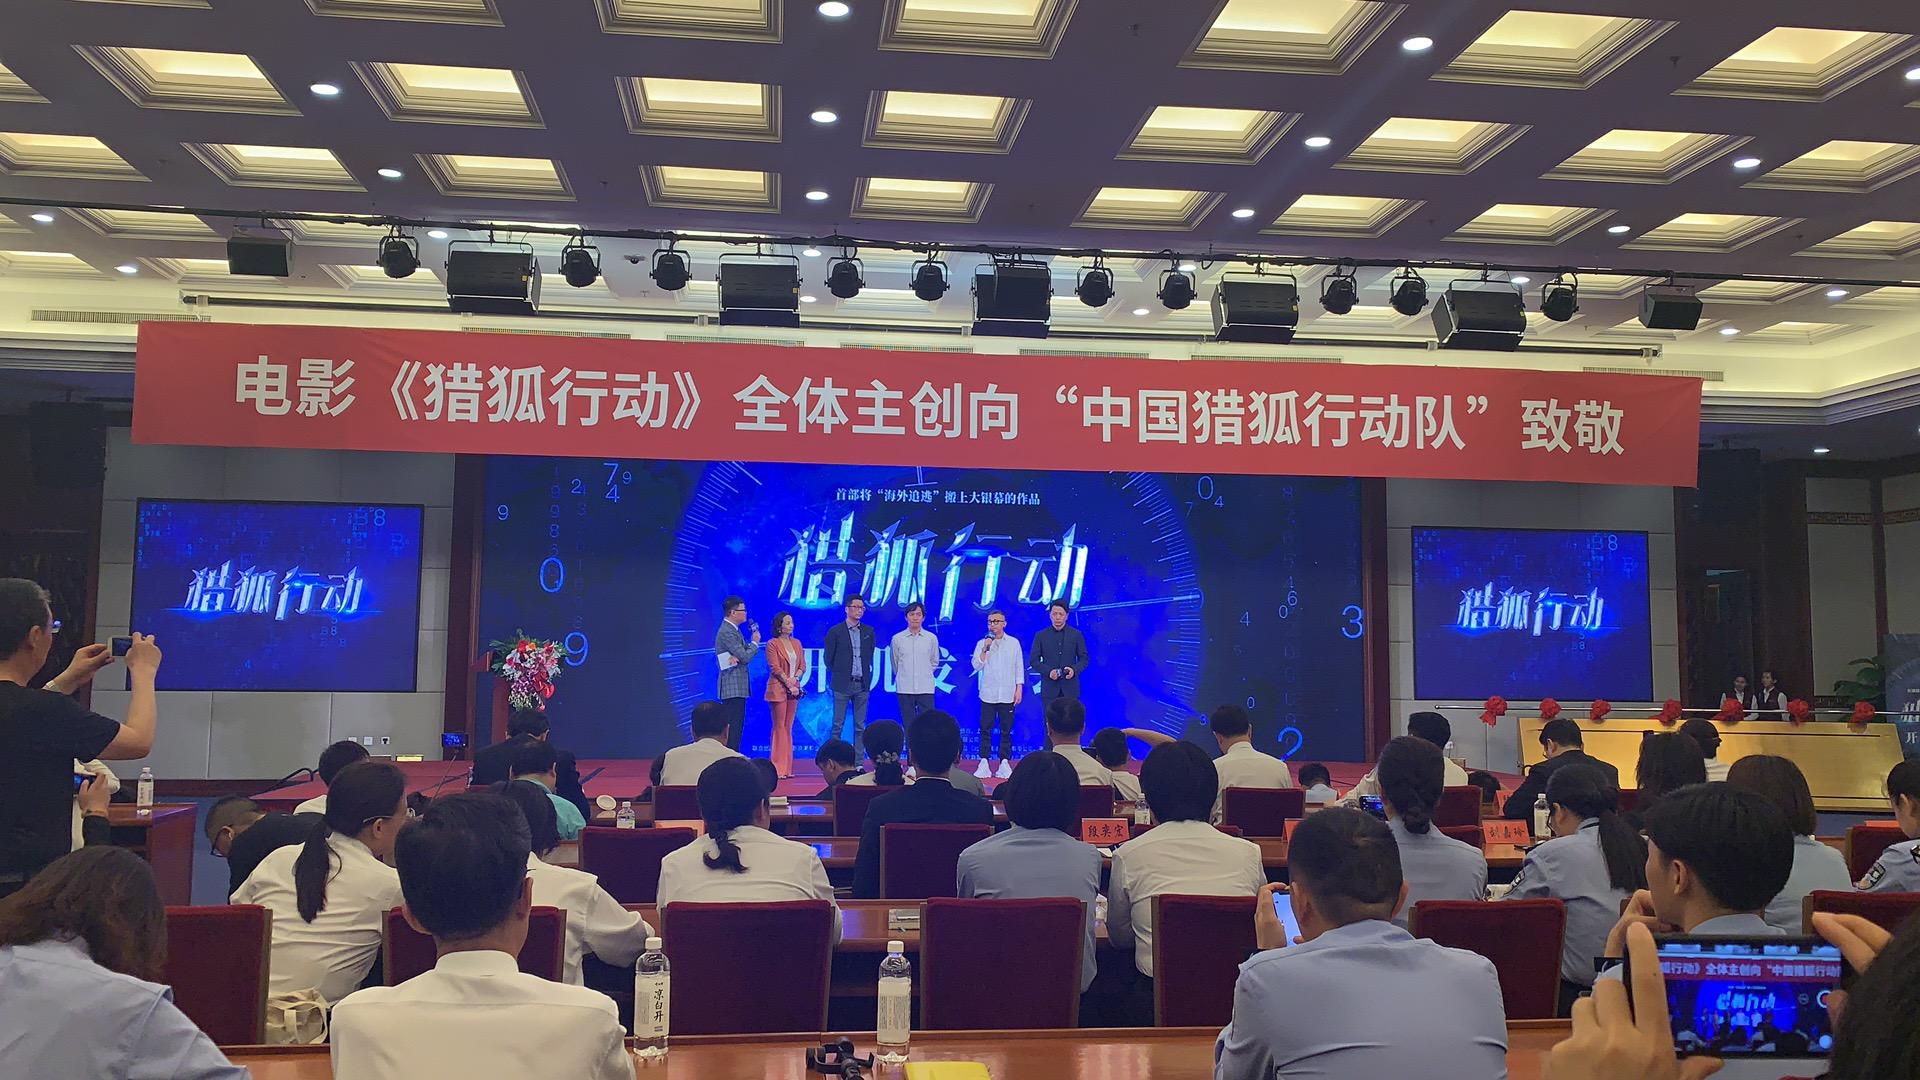 公安部副部长孟庆丰:要进一步讲好警察故事发好公安声音